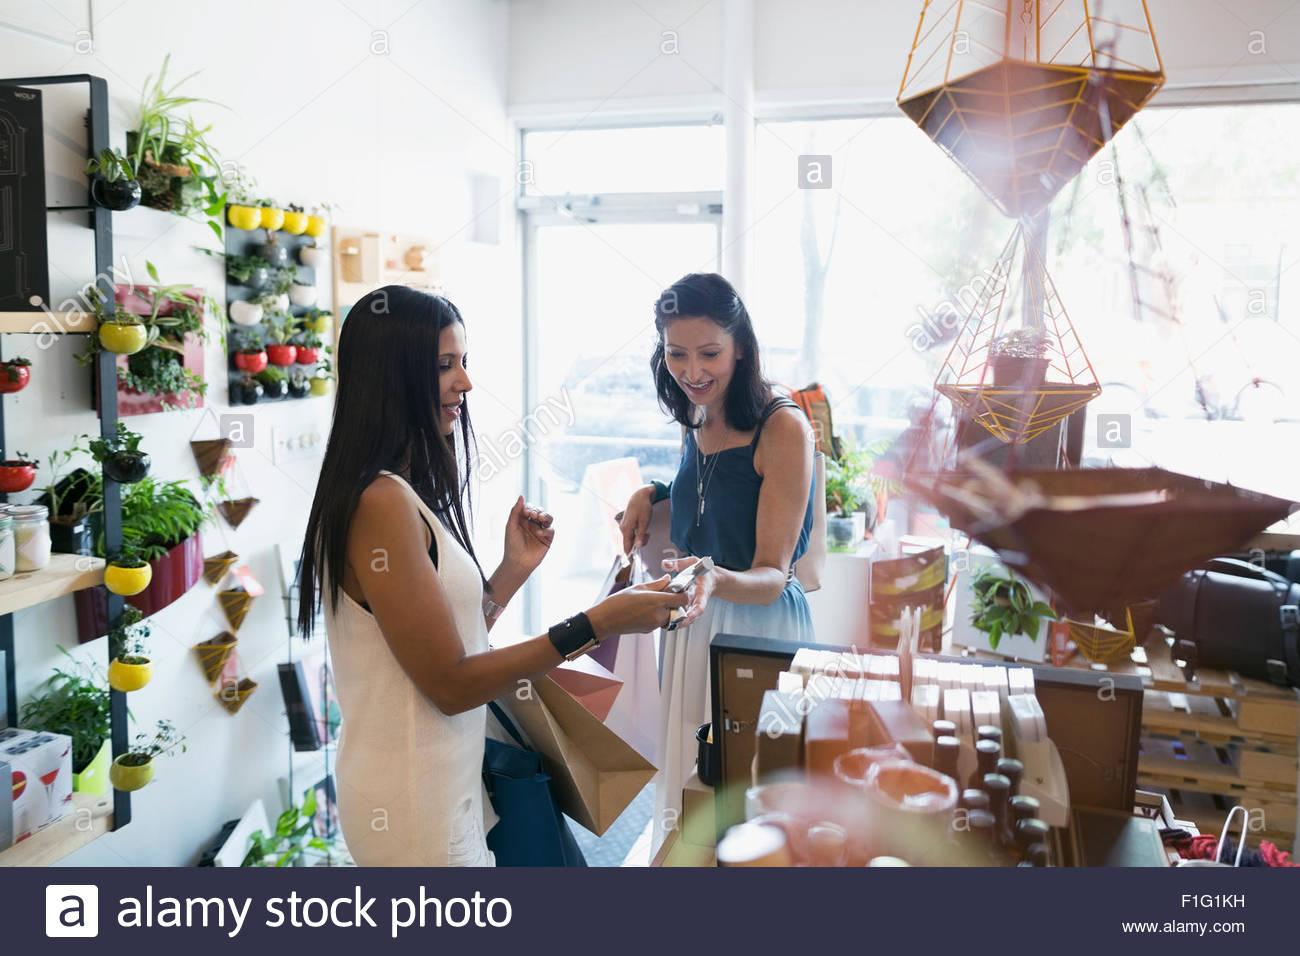 Frauen im Haushaltswaren Shop einkaufen Stockfoto